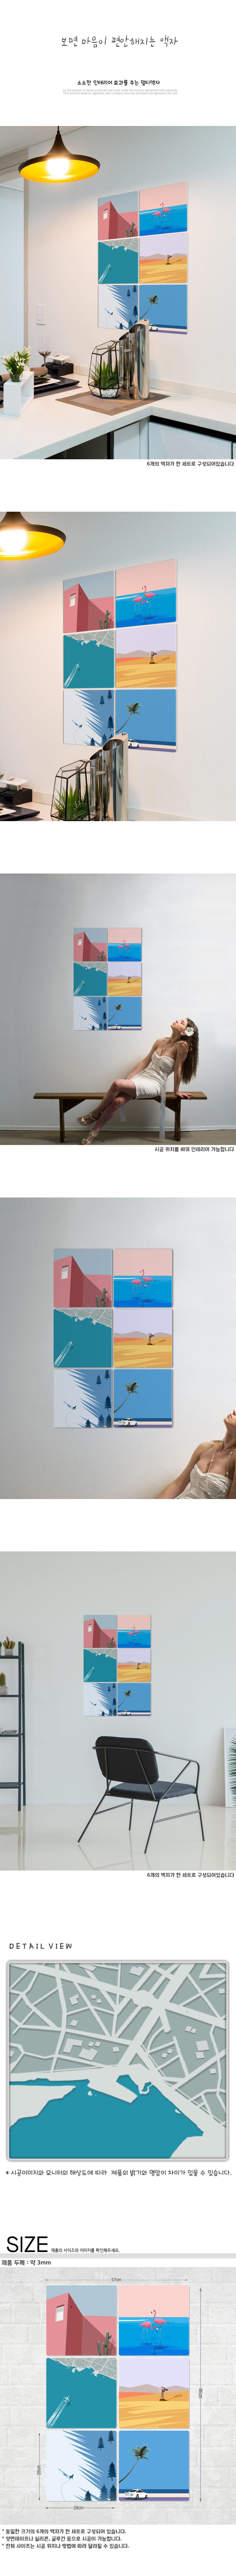 멀티액자_보면마음이편안해지는액자 - 꾸밈, 48,000원, 홈갤러리, 사진아트